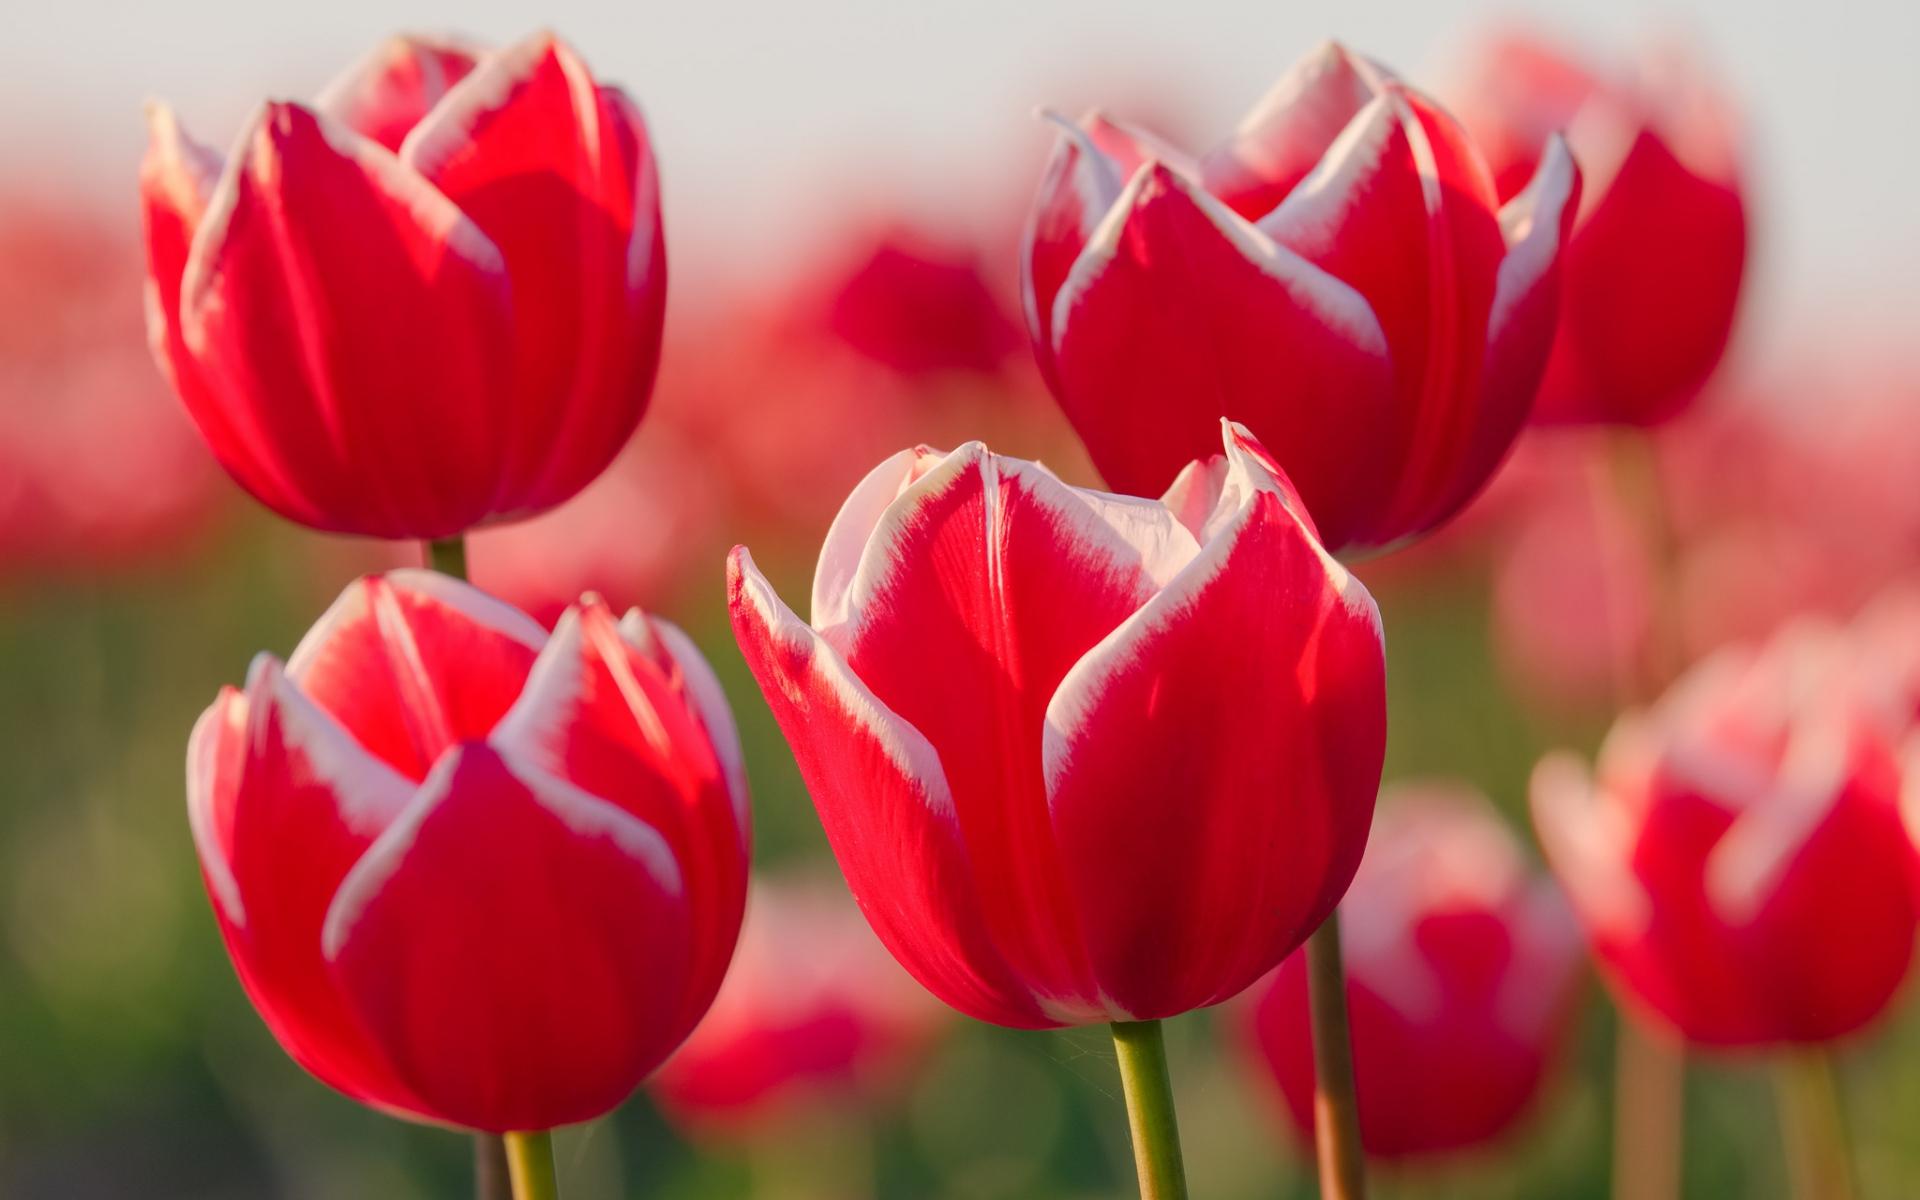 Картинки Тюльпаны, цветы, лепестки, бутоны фото и обои на рабочий стол